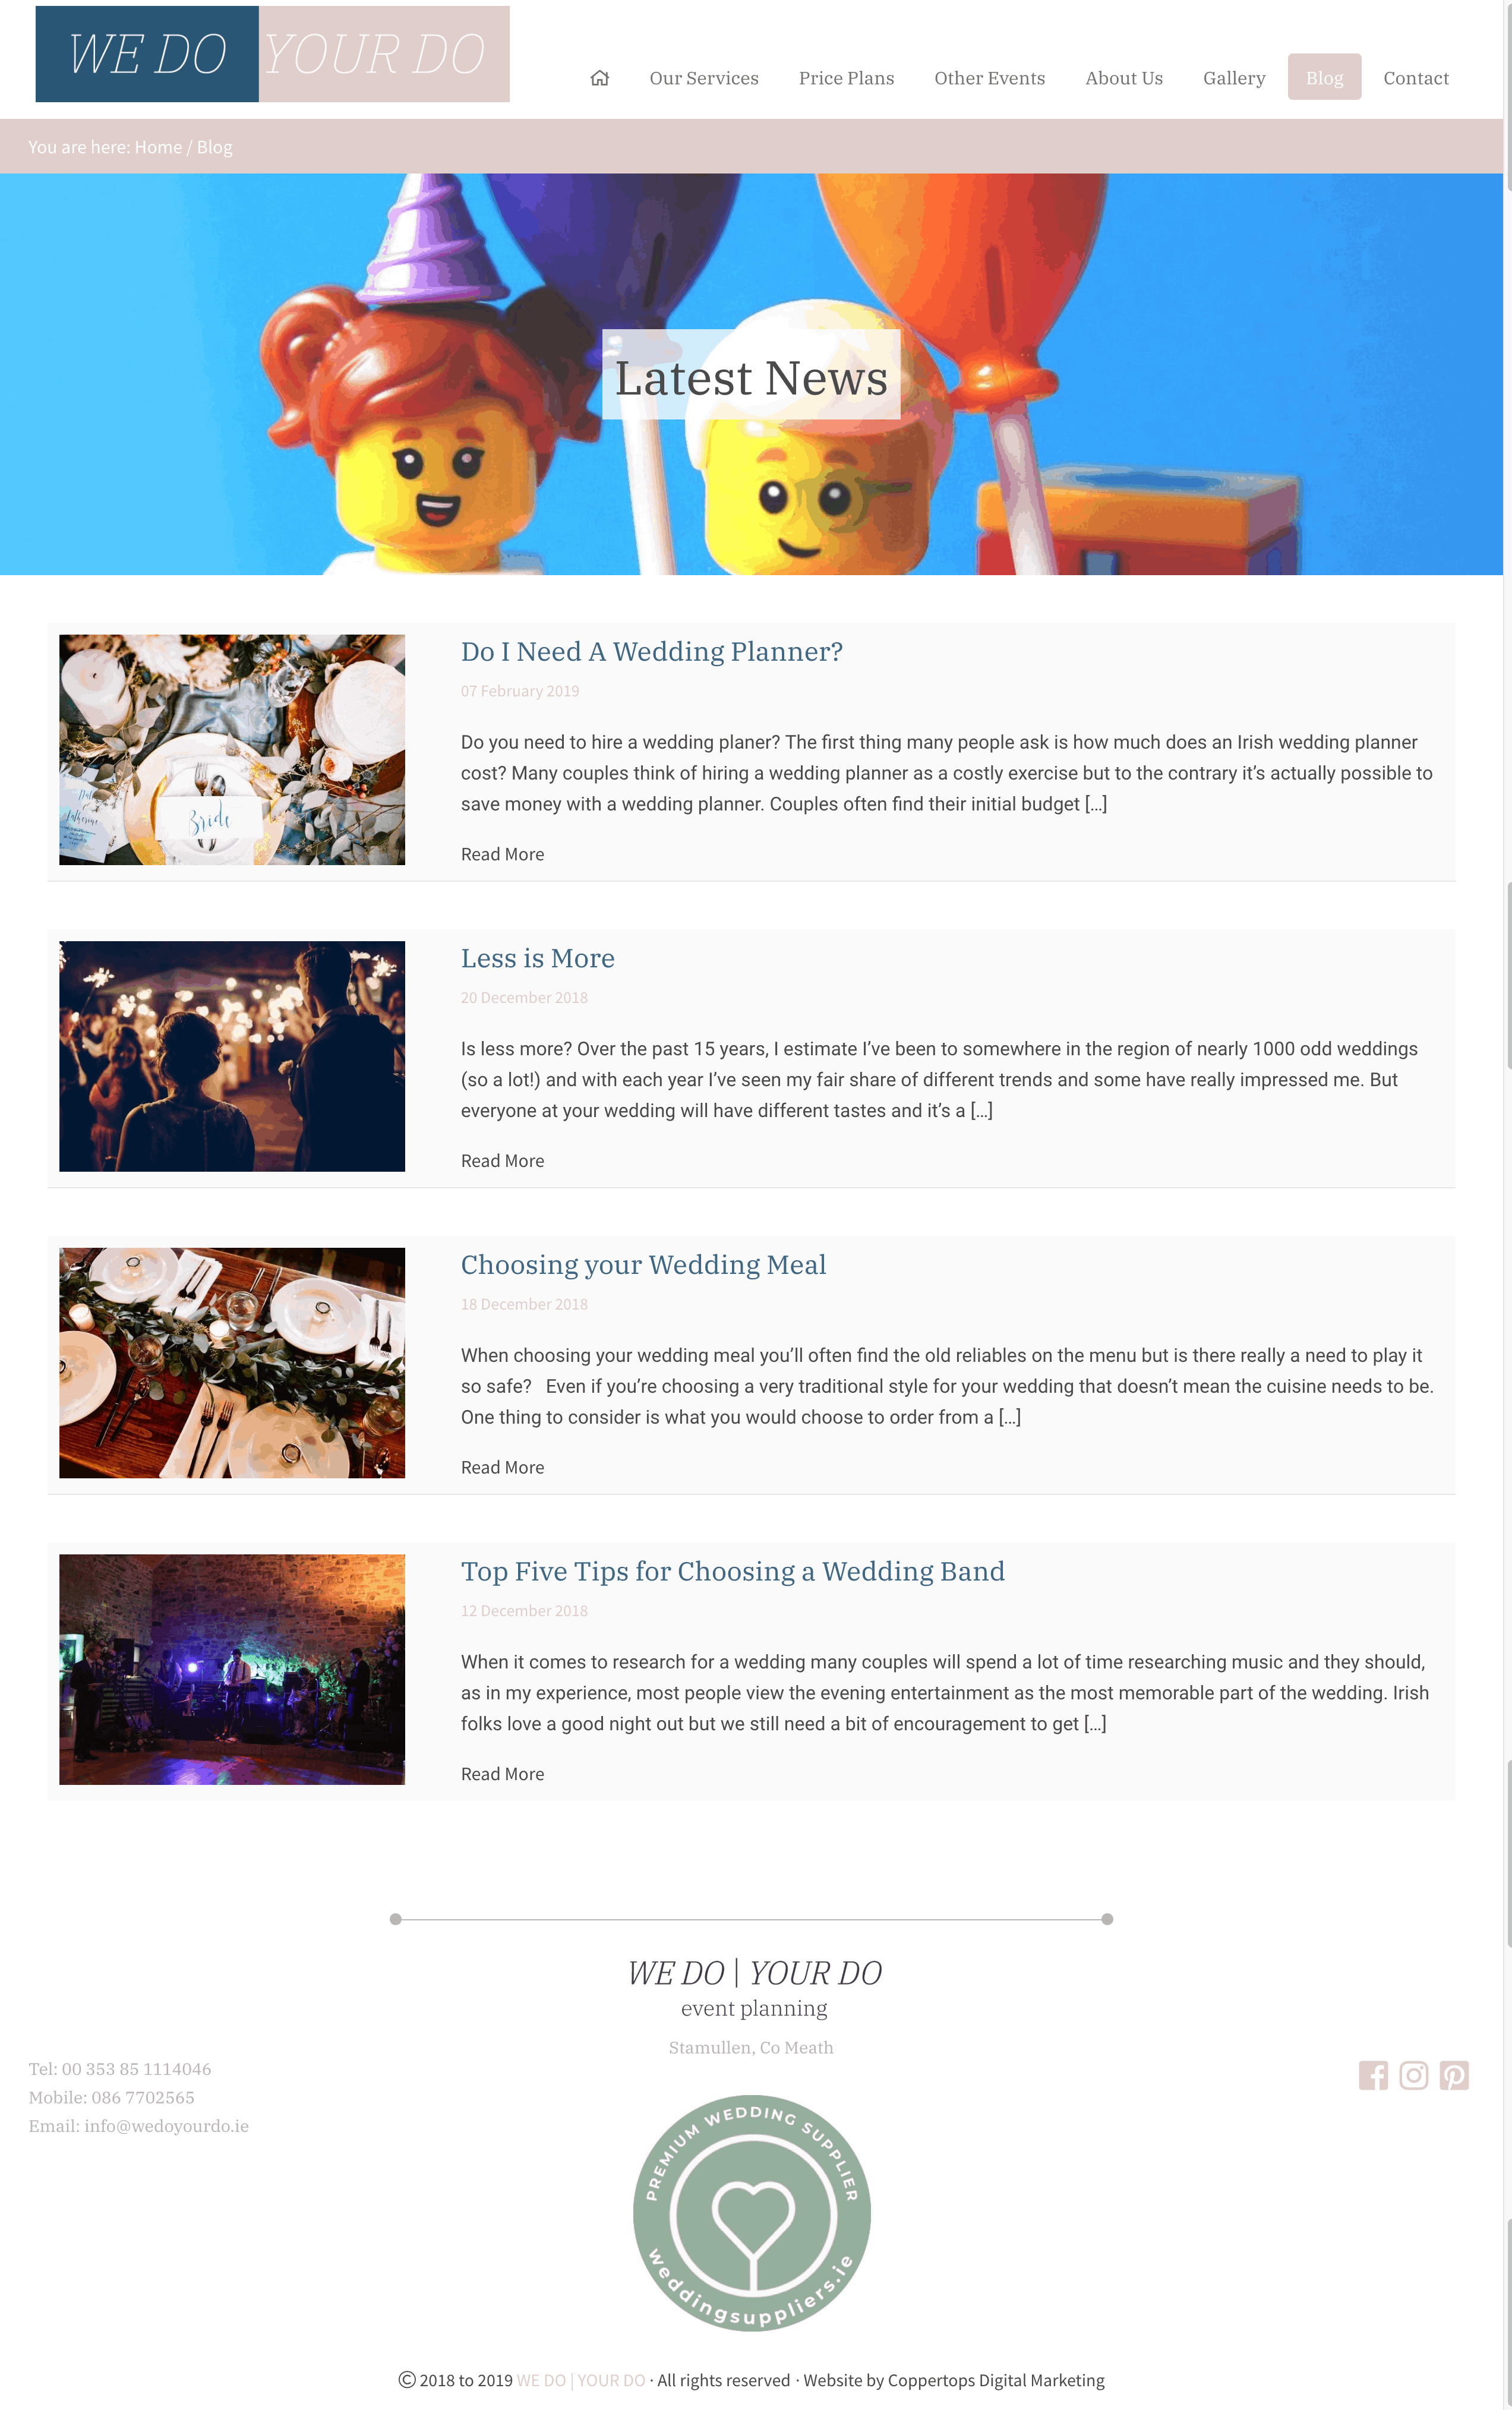 We Do Your Do web design